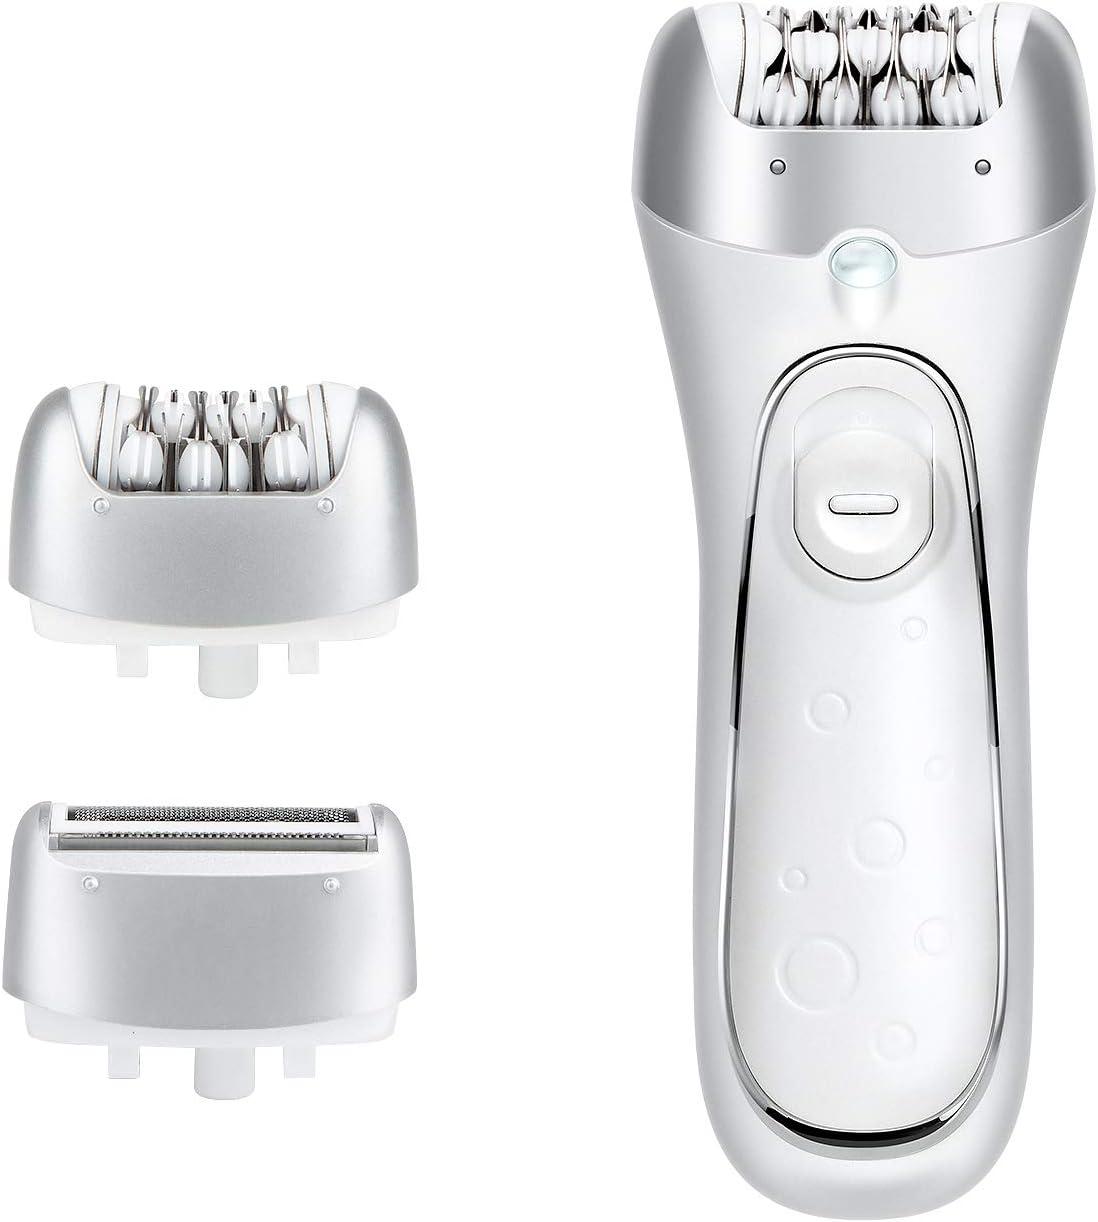 Hangsun Depiladora Eléctrica para Mujer F230 Depiladora Eléctrica Depiladora Inalámbrico 2 en 1 Afeitadora